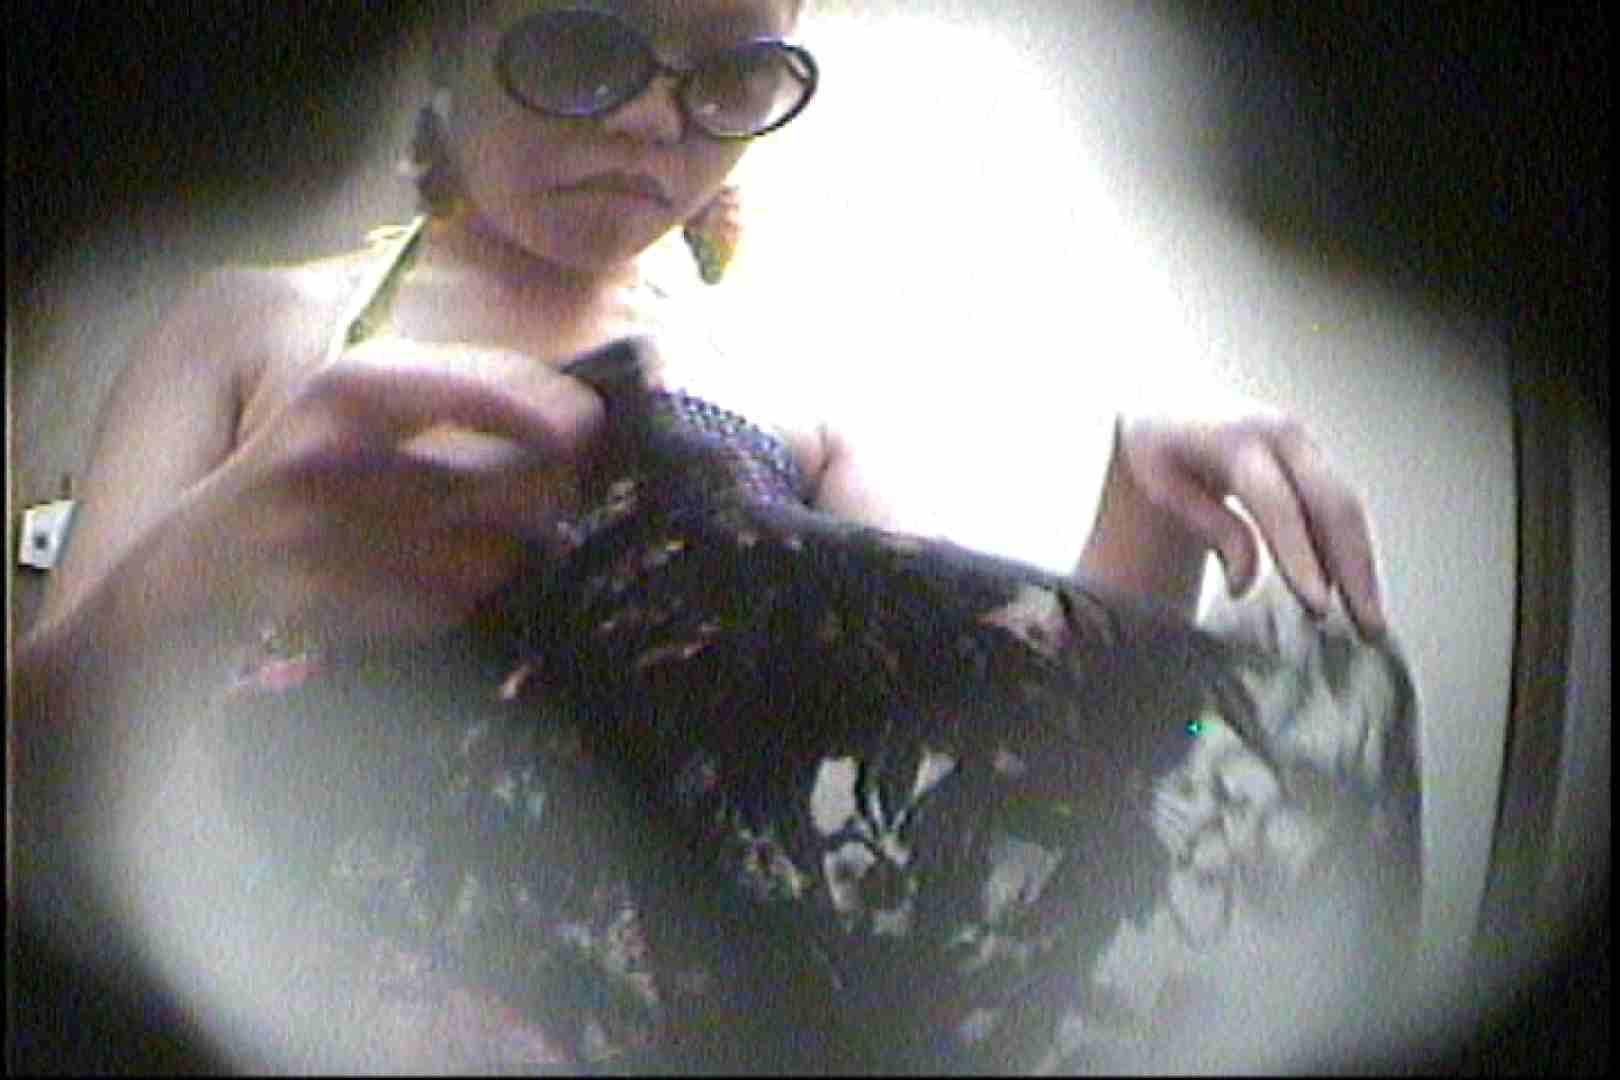 海の家の更衣室 Vol.29 美女 のぞき濡れ場動画紹介 58pic 56